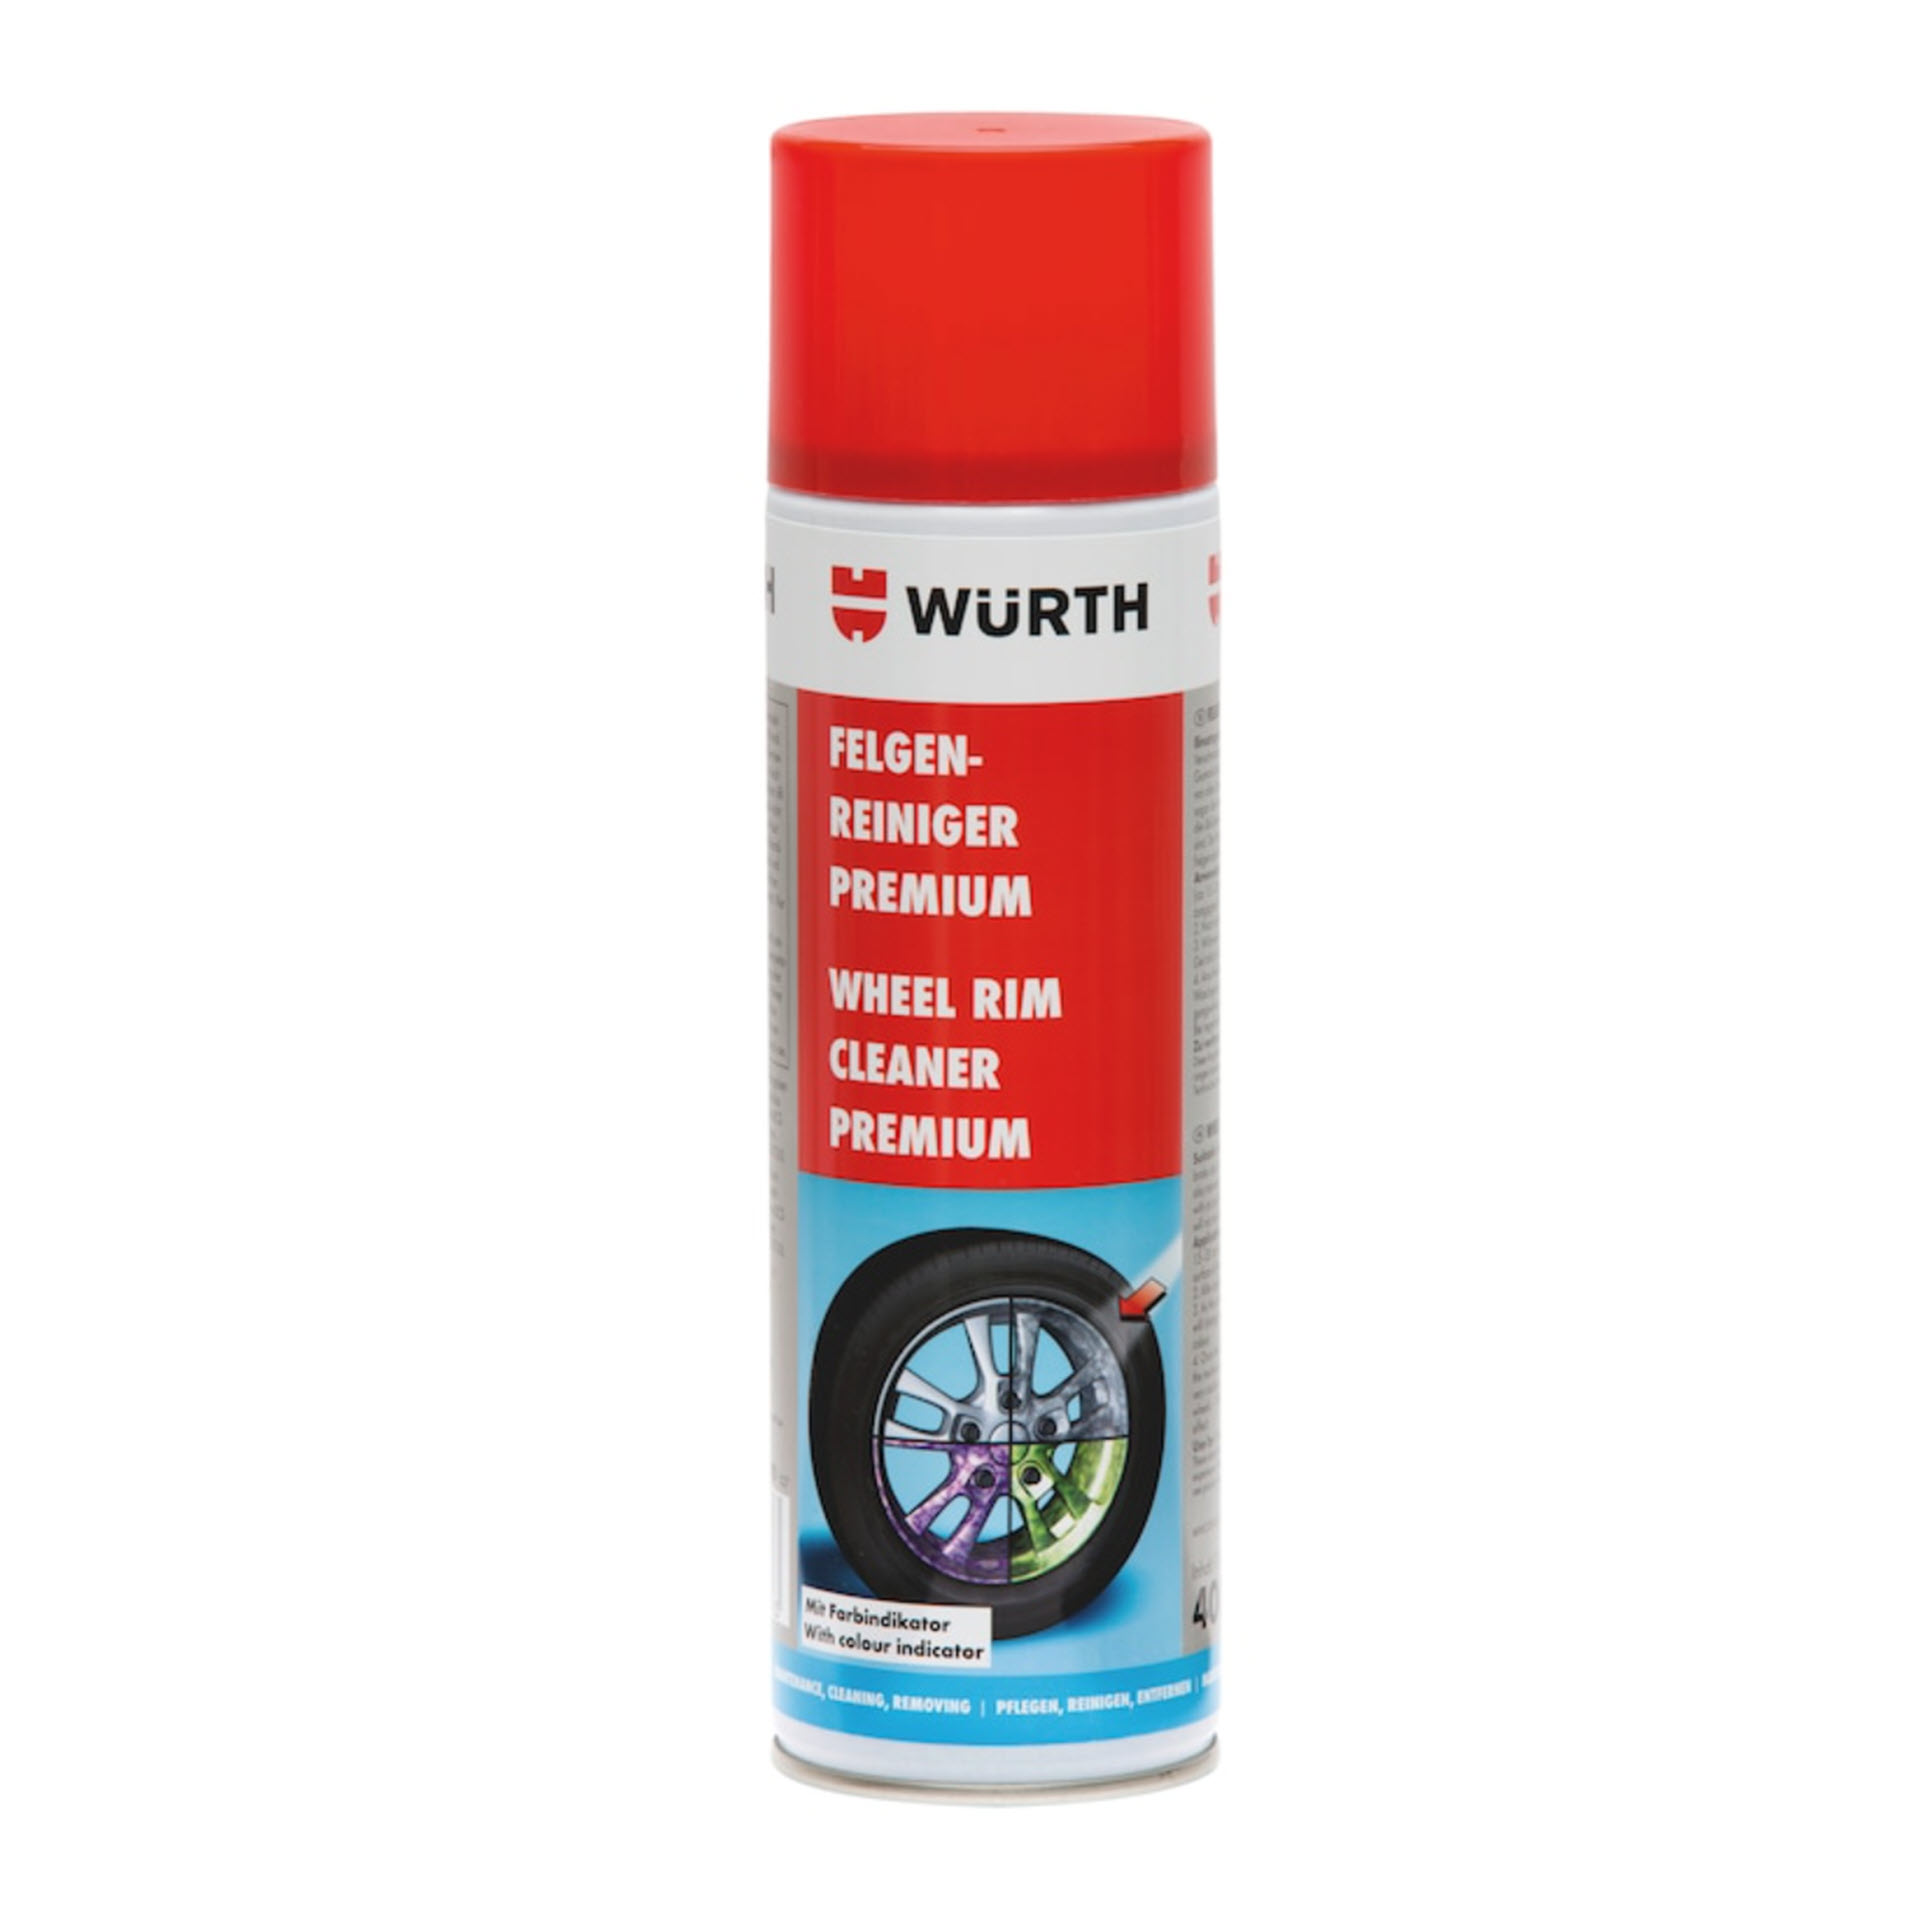 Würth Felgenreiniger Premium - 400 ml Sprühdose